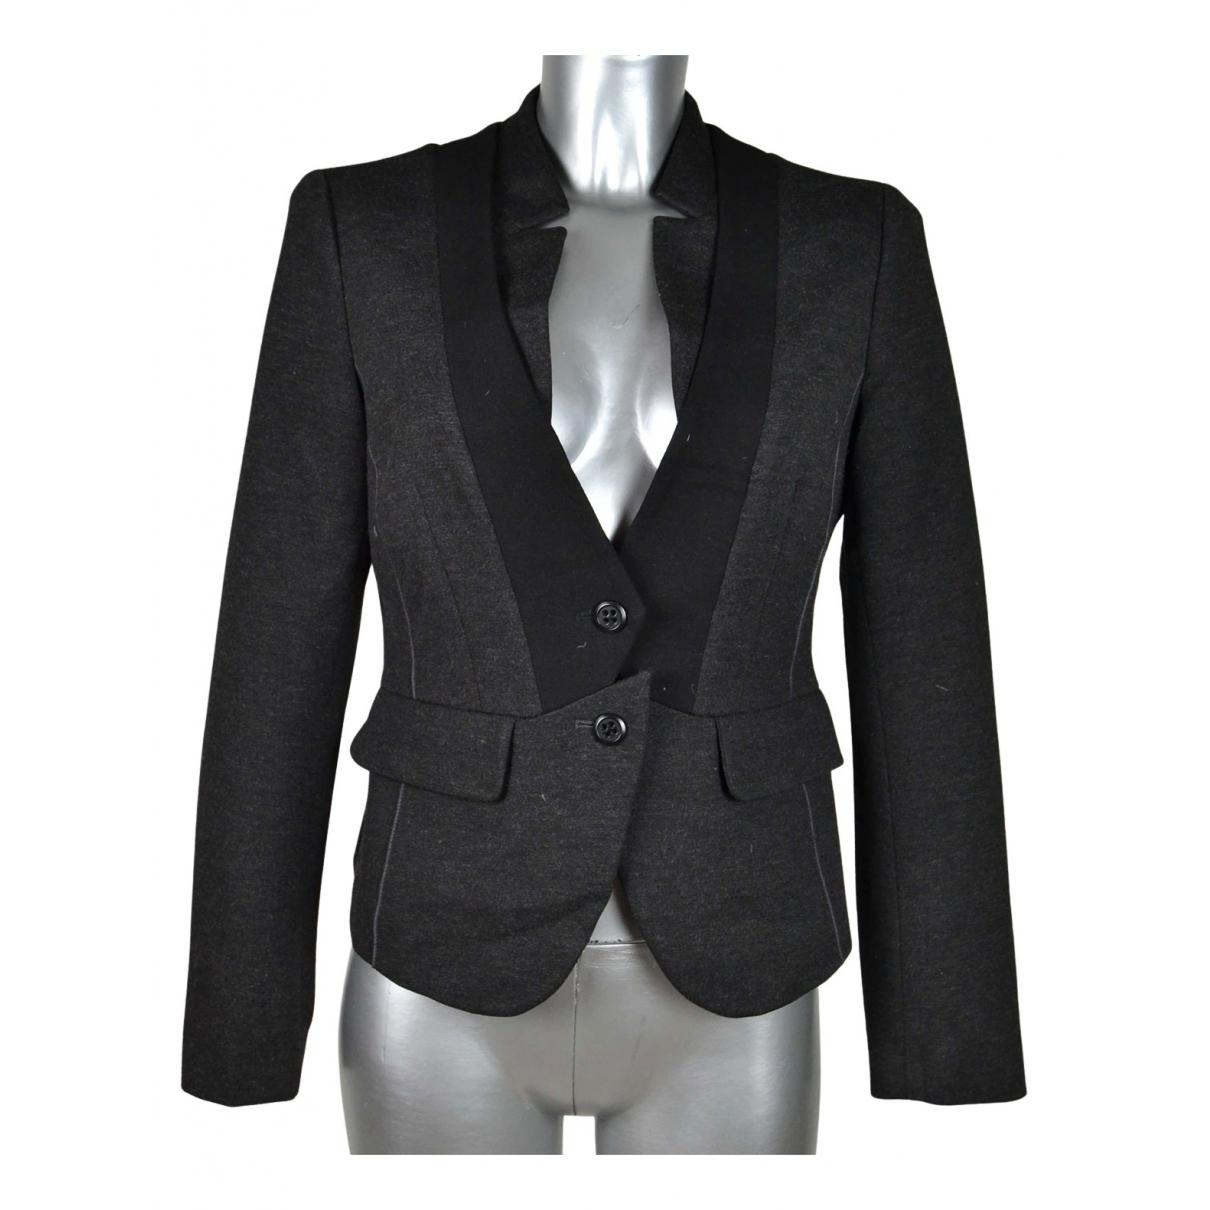 Karen Millen N Black jacket for Women 8 US